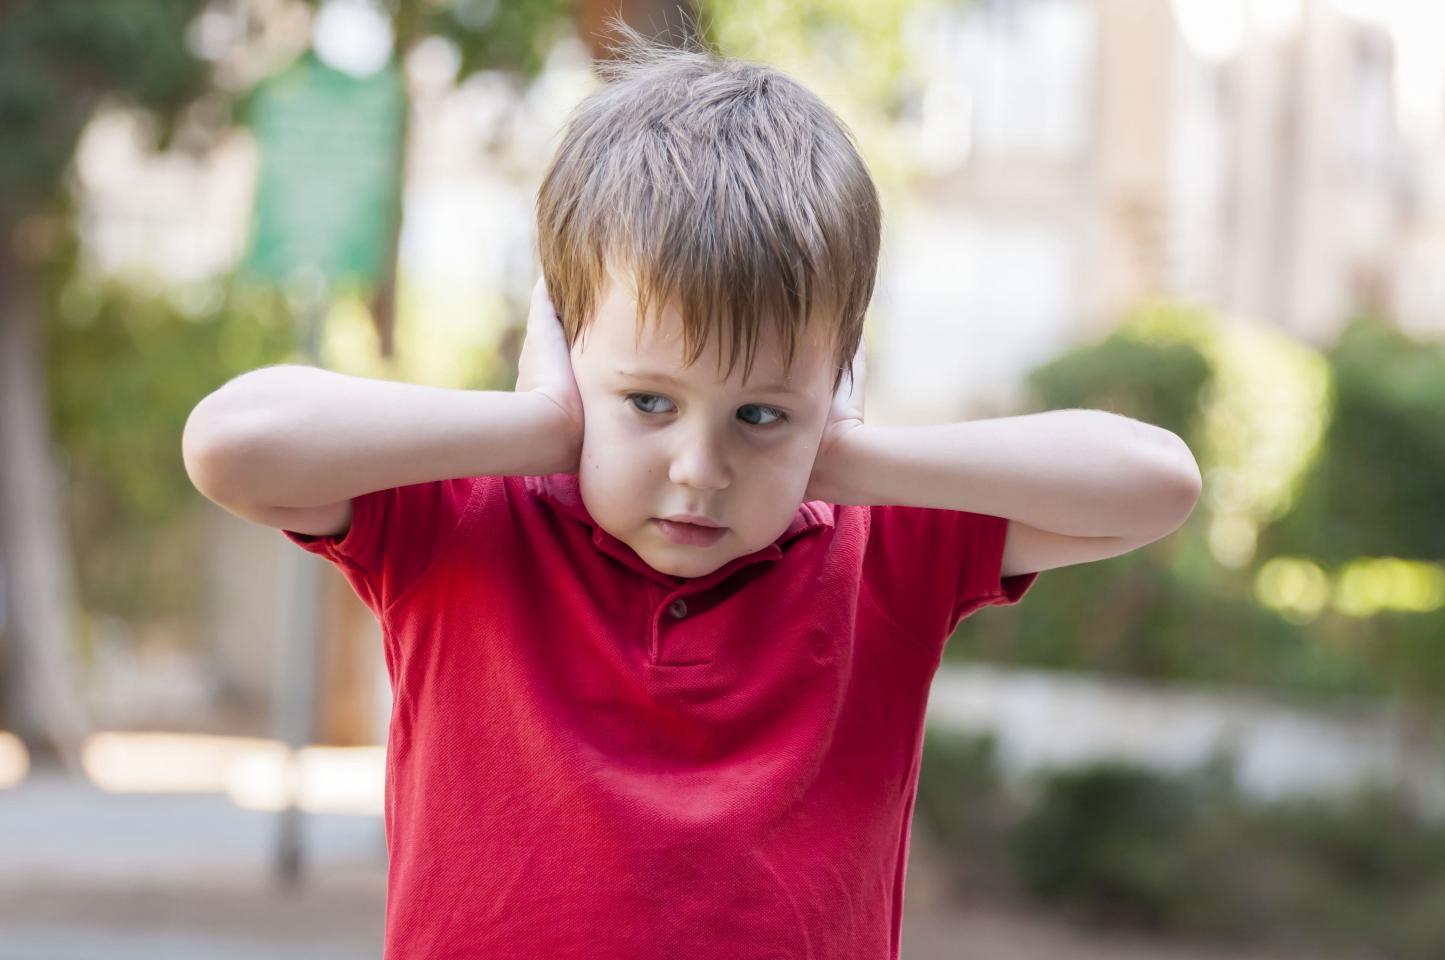 ребенок ничего не хочет слышать, закрыл уши руками